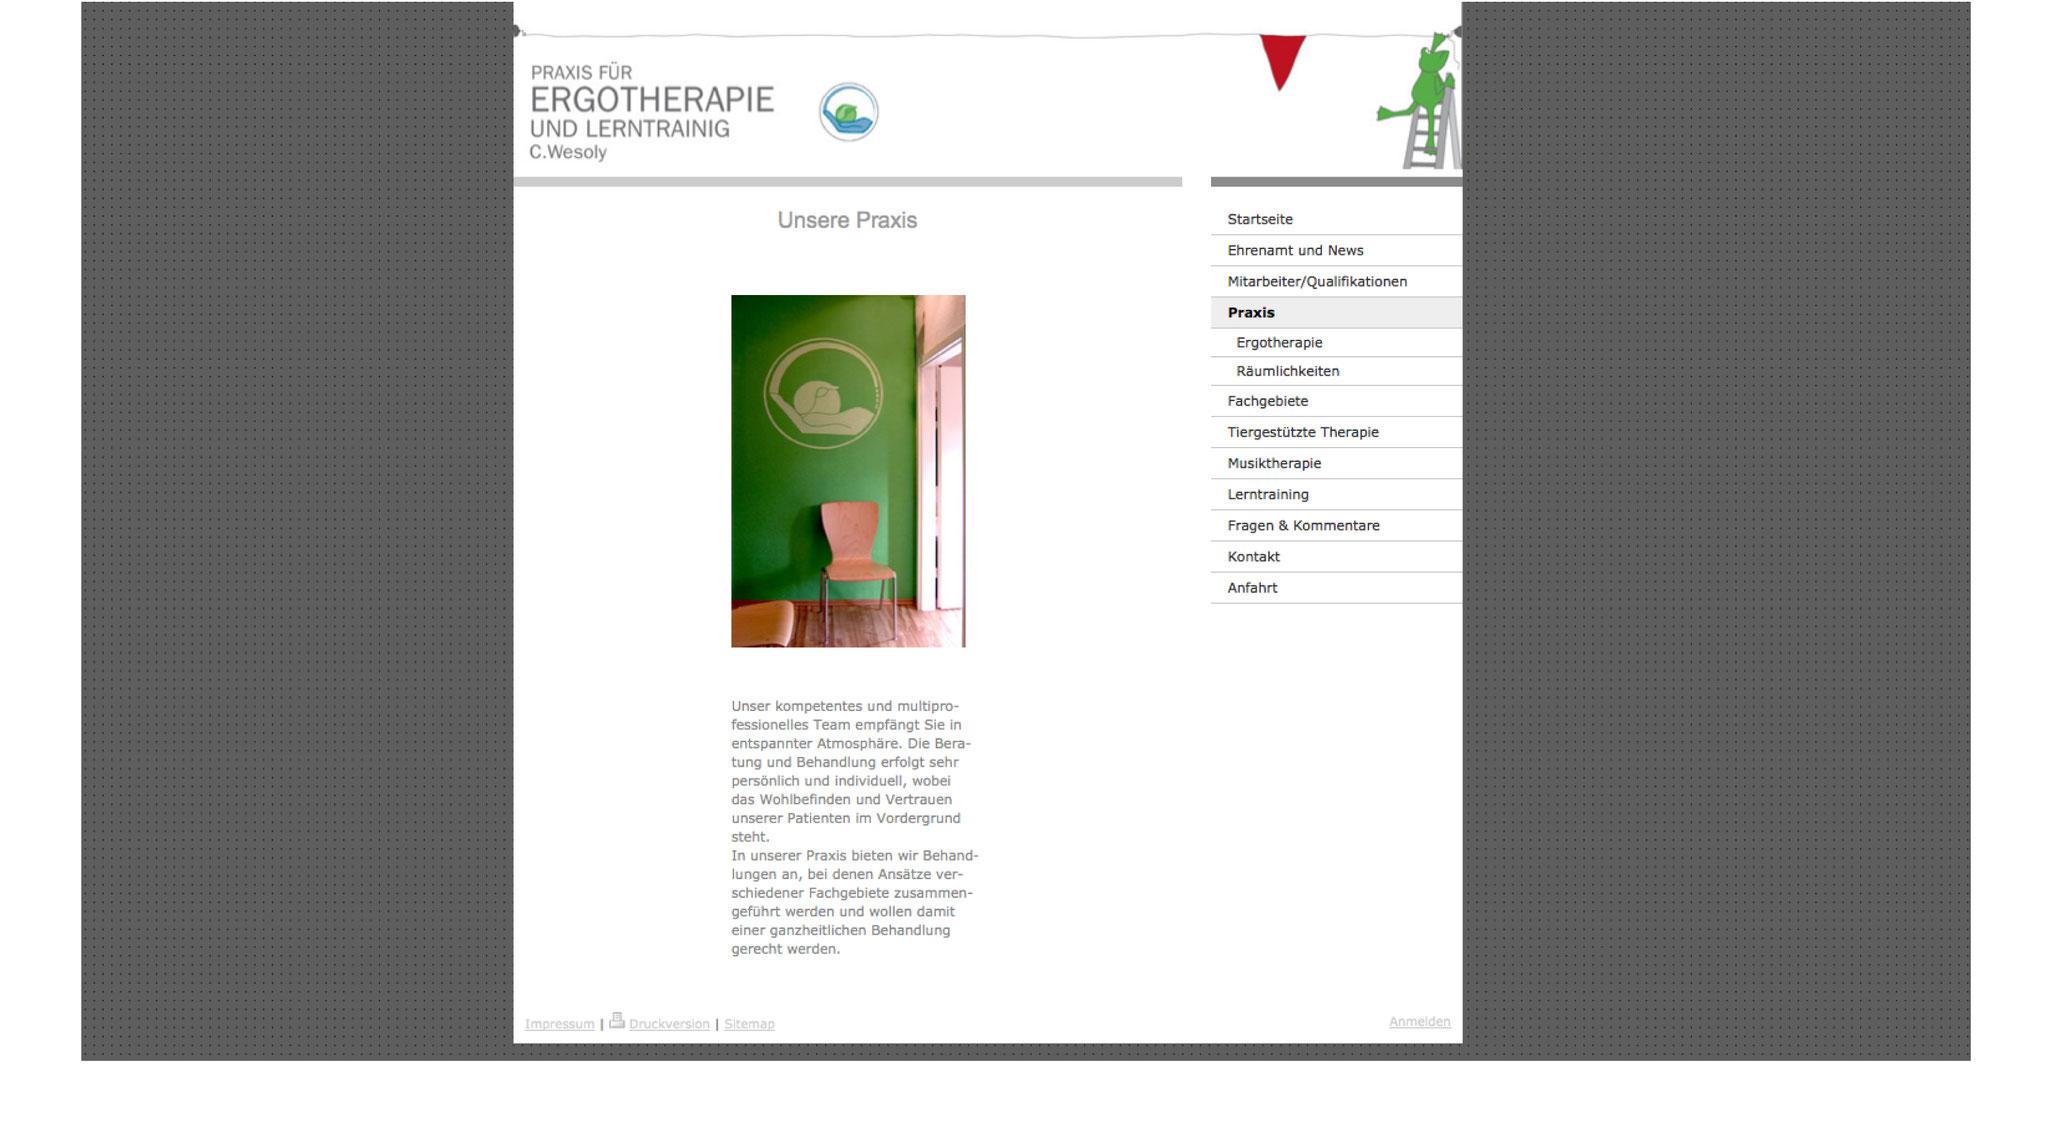 CORPORATE DESIGN | FLYER | PLAKATE | PRAXISGESTALTUNG | INTERNETSEITE - LAYOUT + UMSETZUNG  //  Praxis für Ergotherapie und Lerntraining C.Wesoly in Greifswald